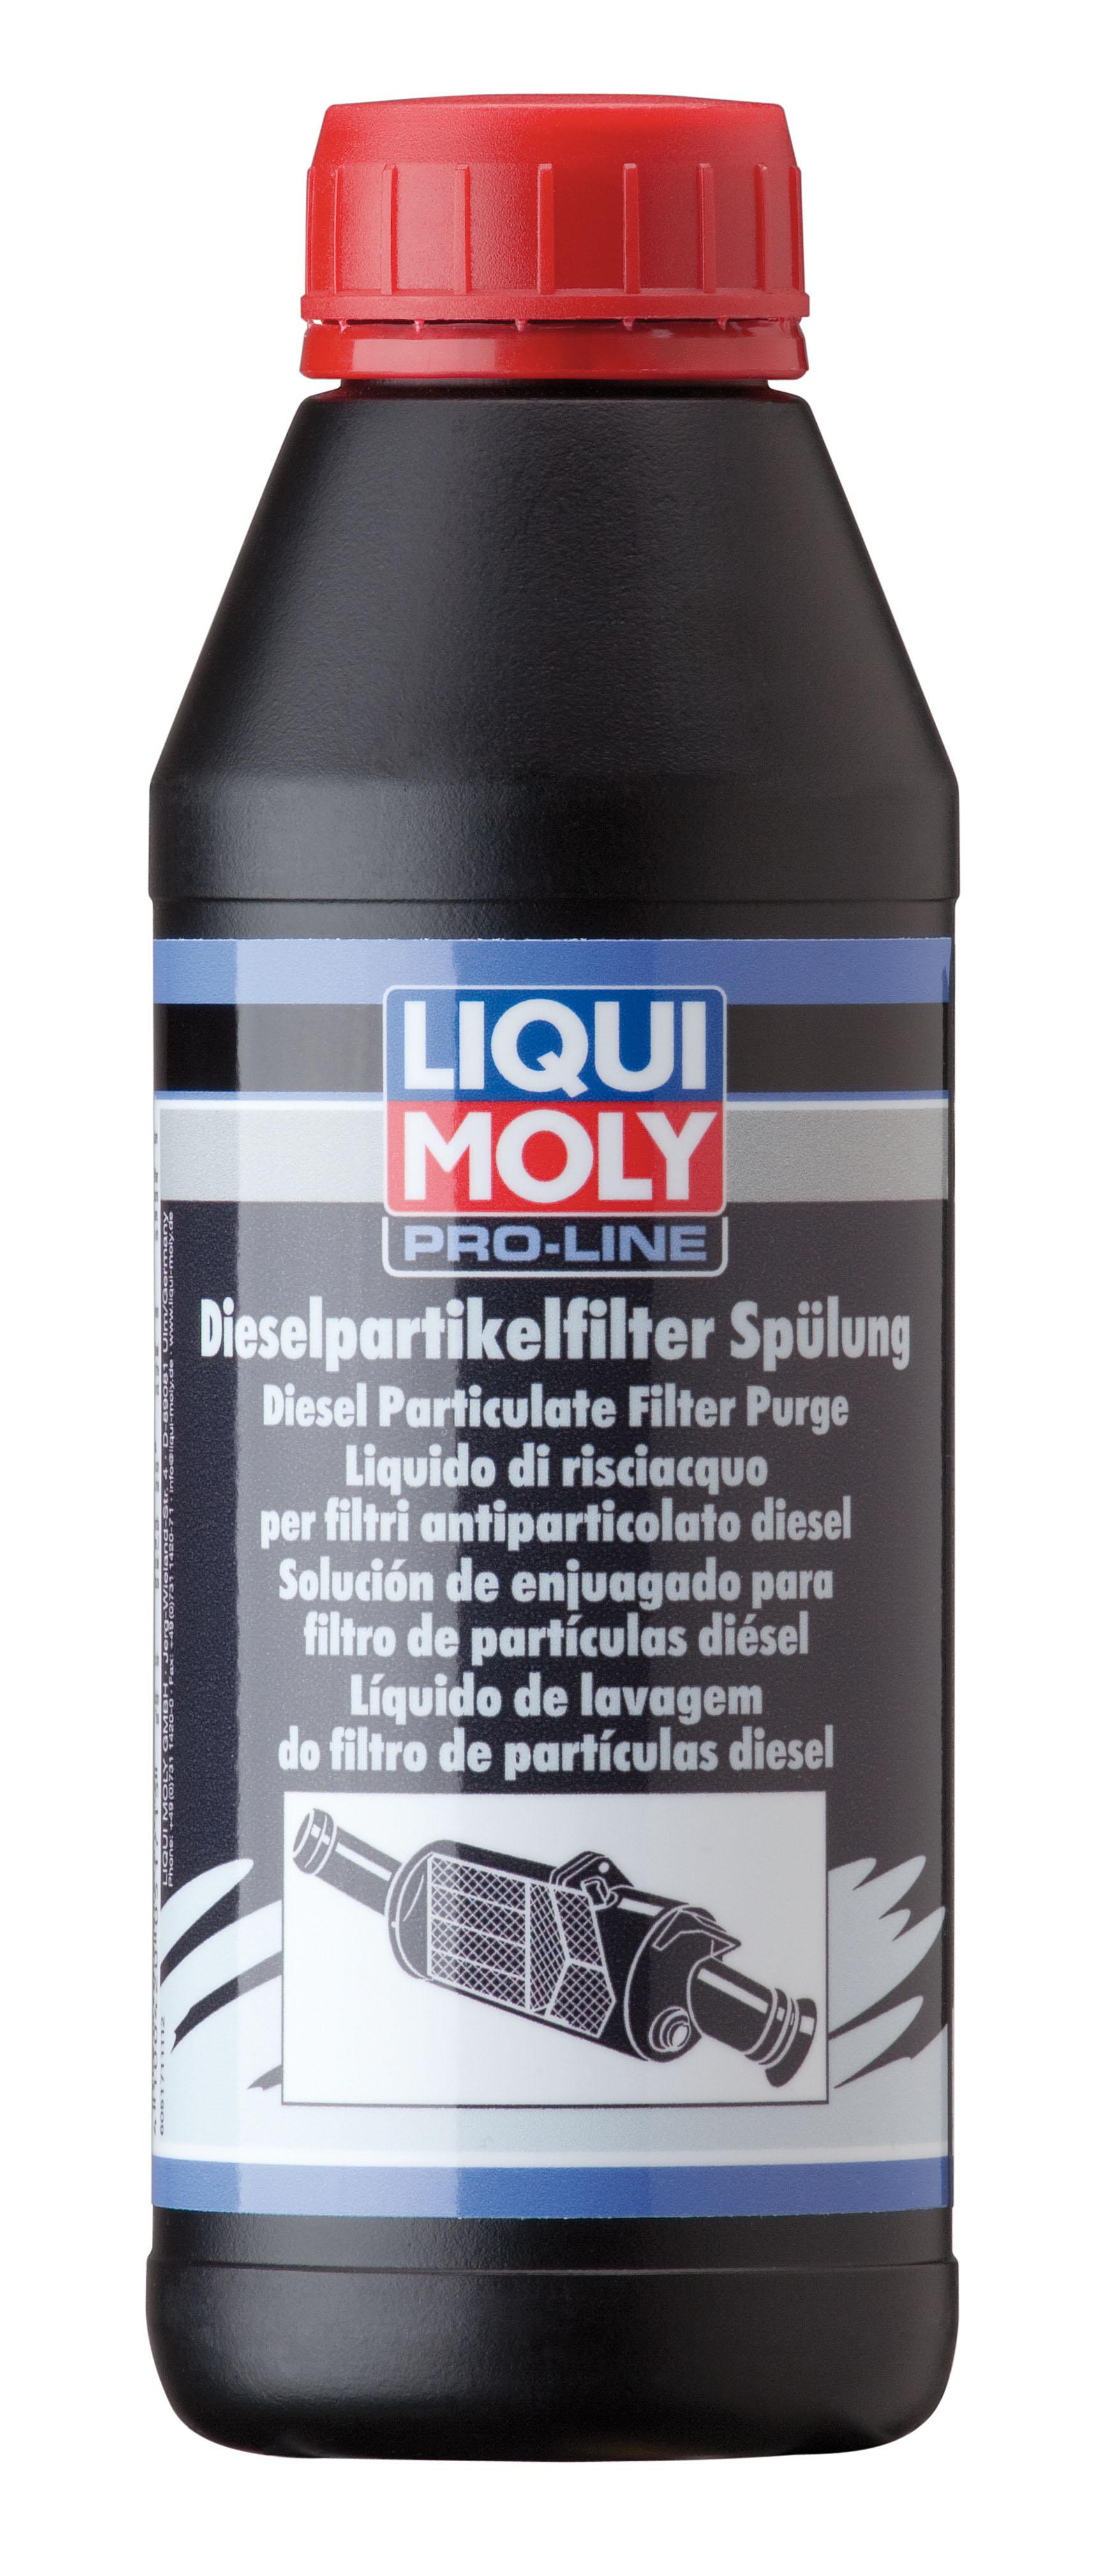 Очиститель дизельного сажевого фильтра для легковых автомобилей Pro-Line Diesel Partikelfilter Spulung